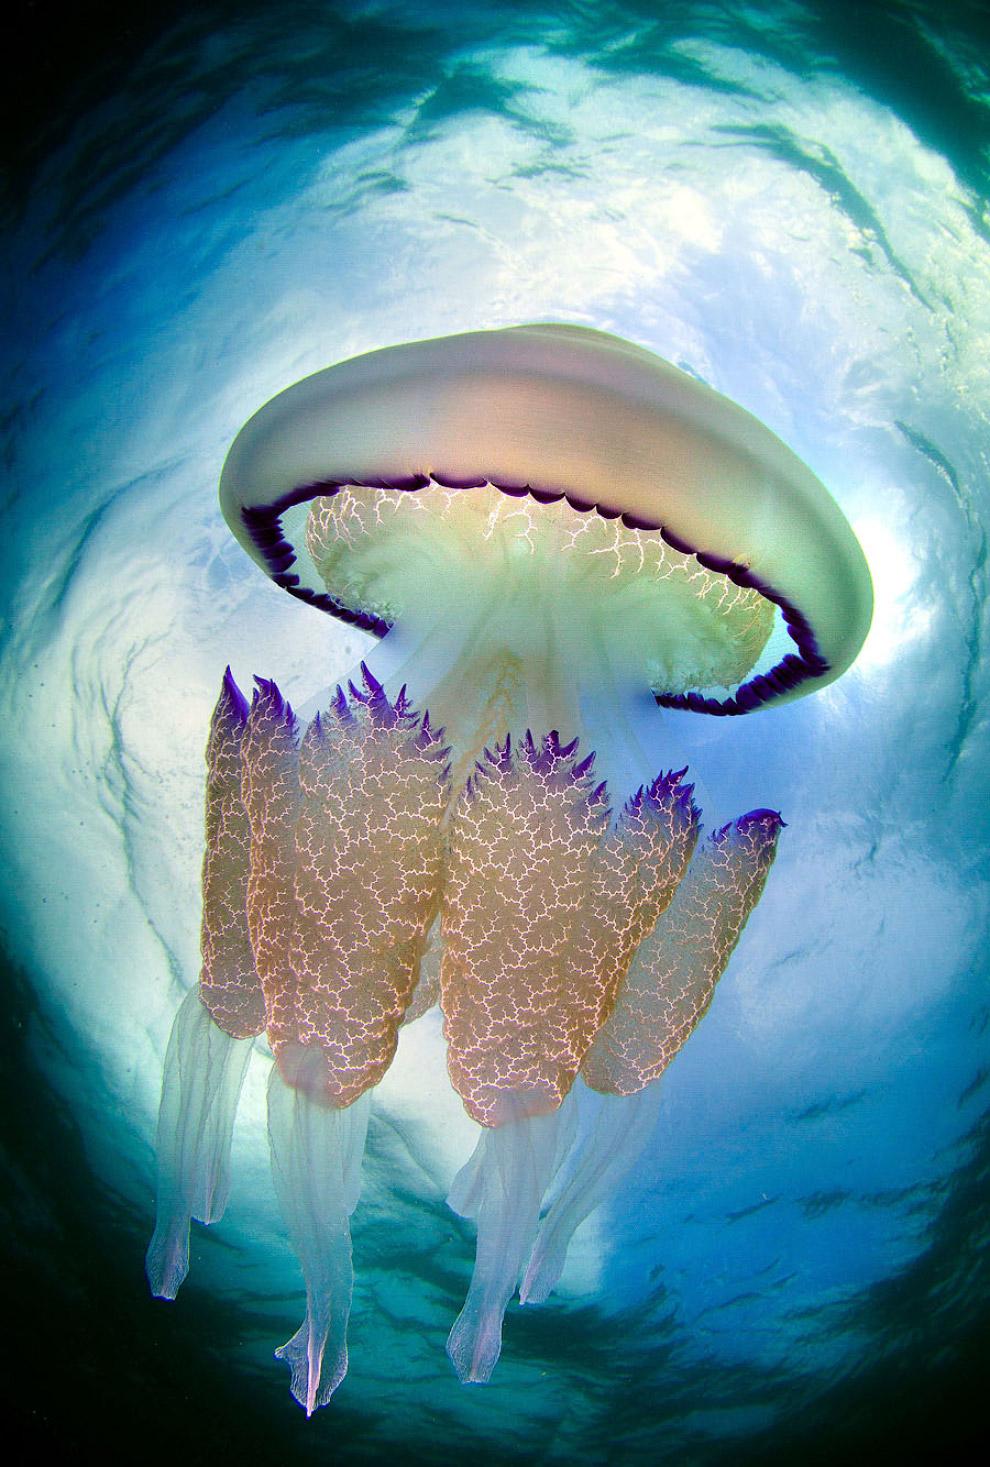 Медузы во всей красе от испанского фотографа